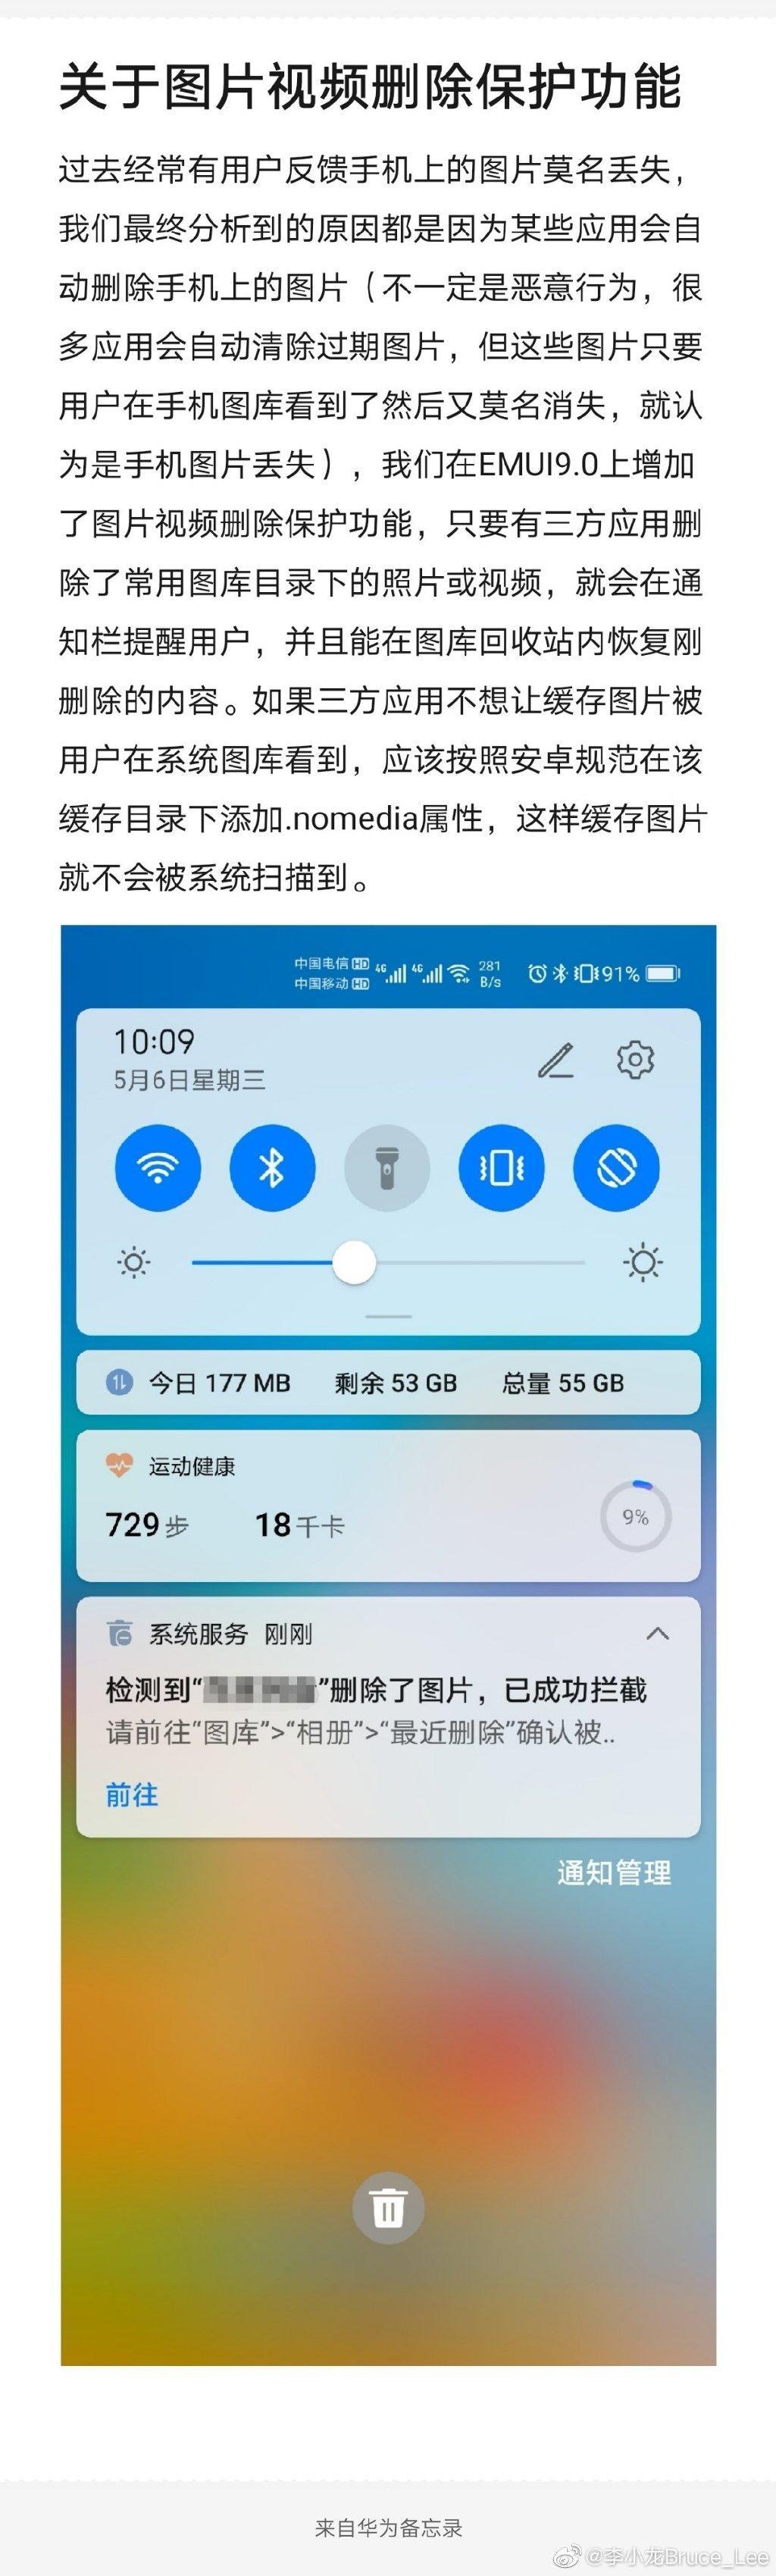 QQ帮阅文删除作者维权图?QQ回应后华为回应也来了